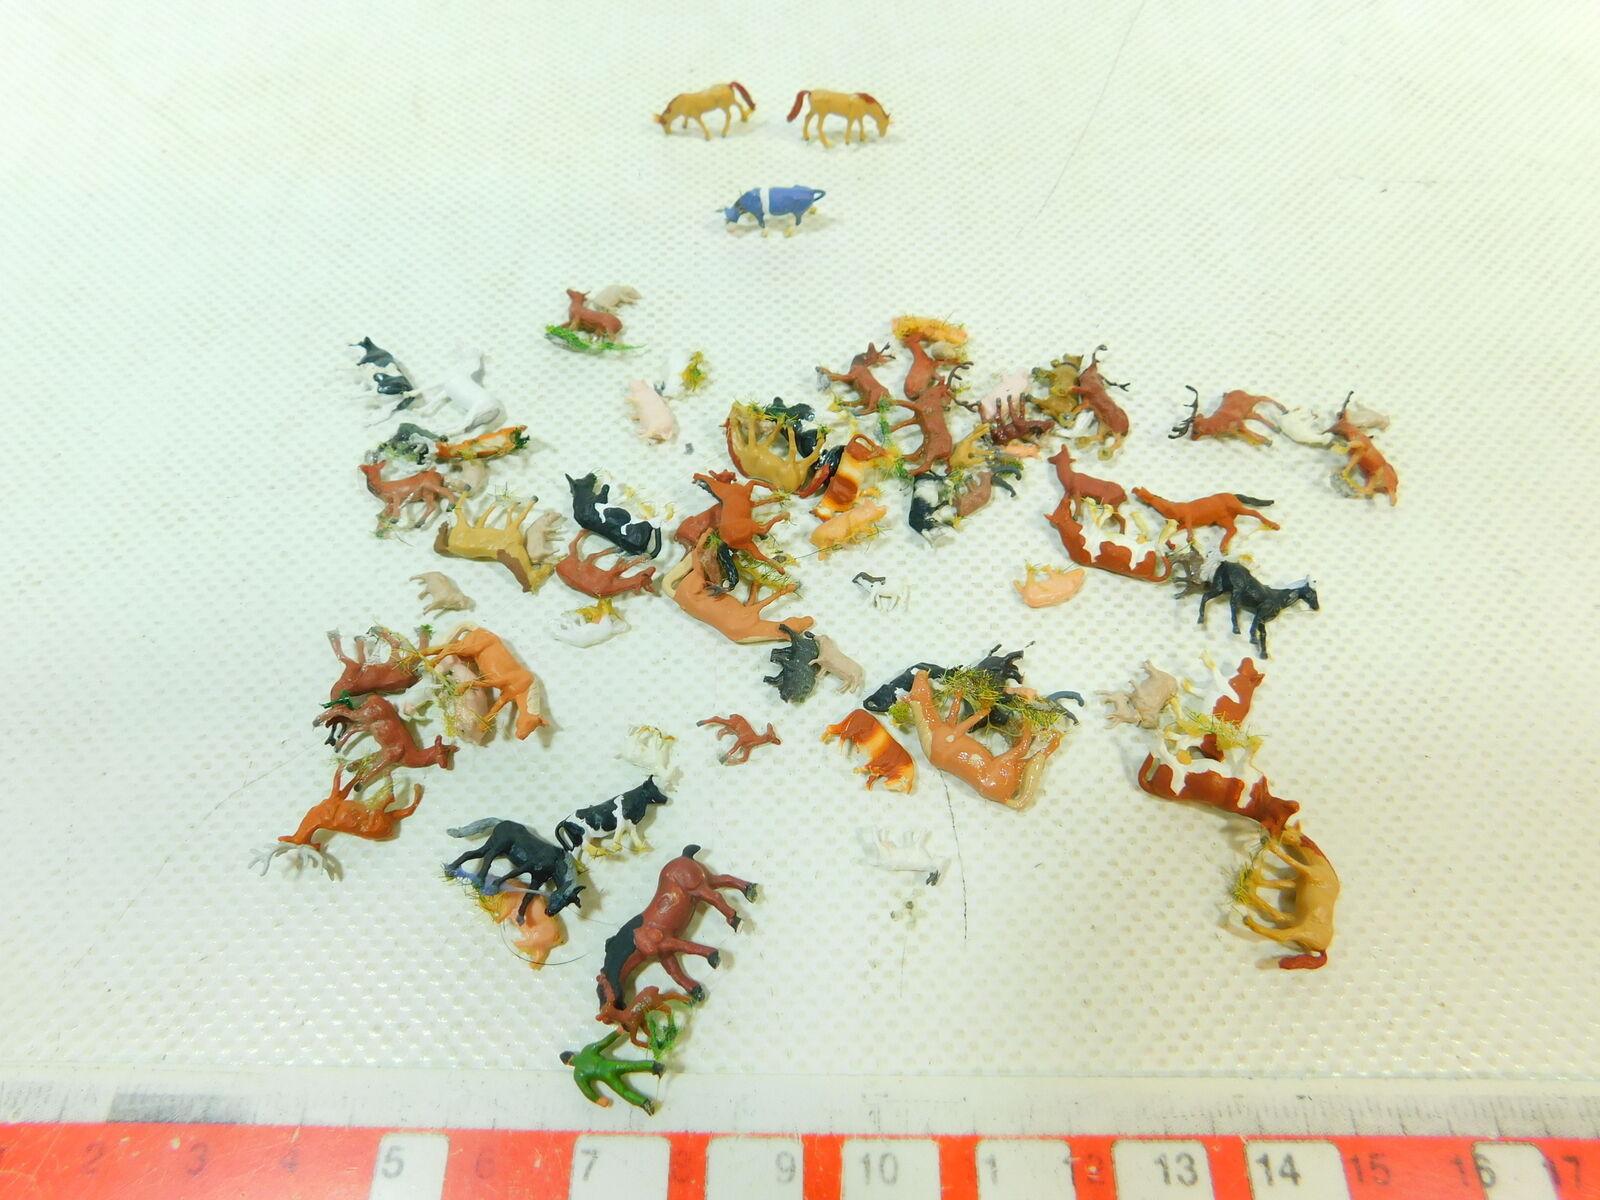 BT979-0,5  80x Spur N Tier-Figur  Kuh  Pferd  Schaf  Ziege etc (Preiser etc)  | Primäre Qualität